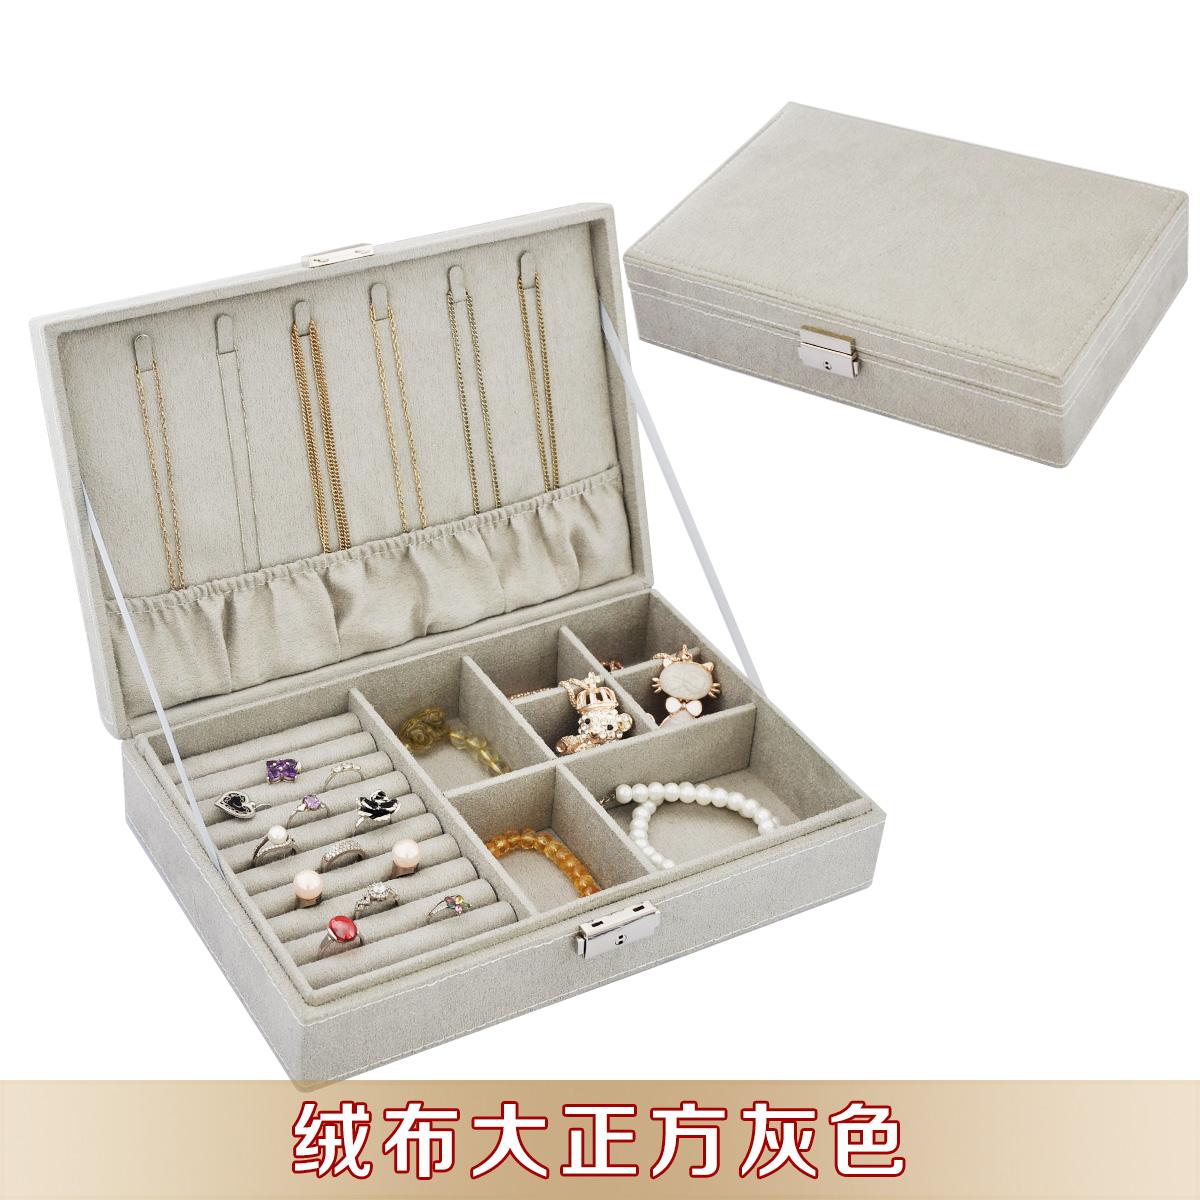 首饰盒 麂皮绒布大正方 饰品收纳盒带锁结婚生日礼物七夕节